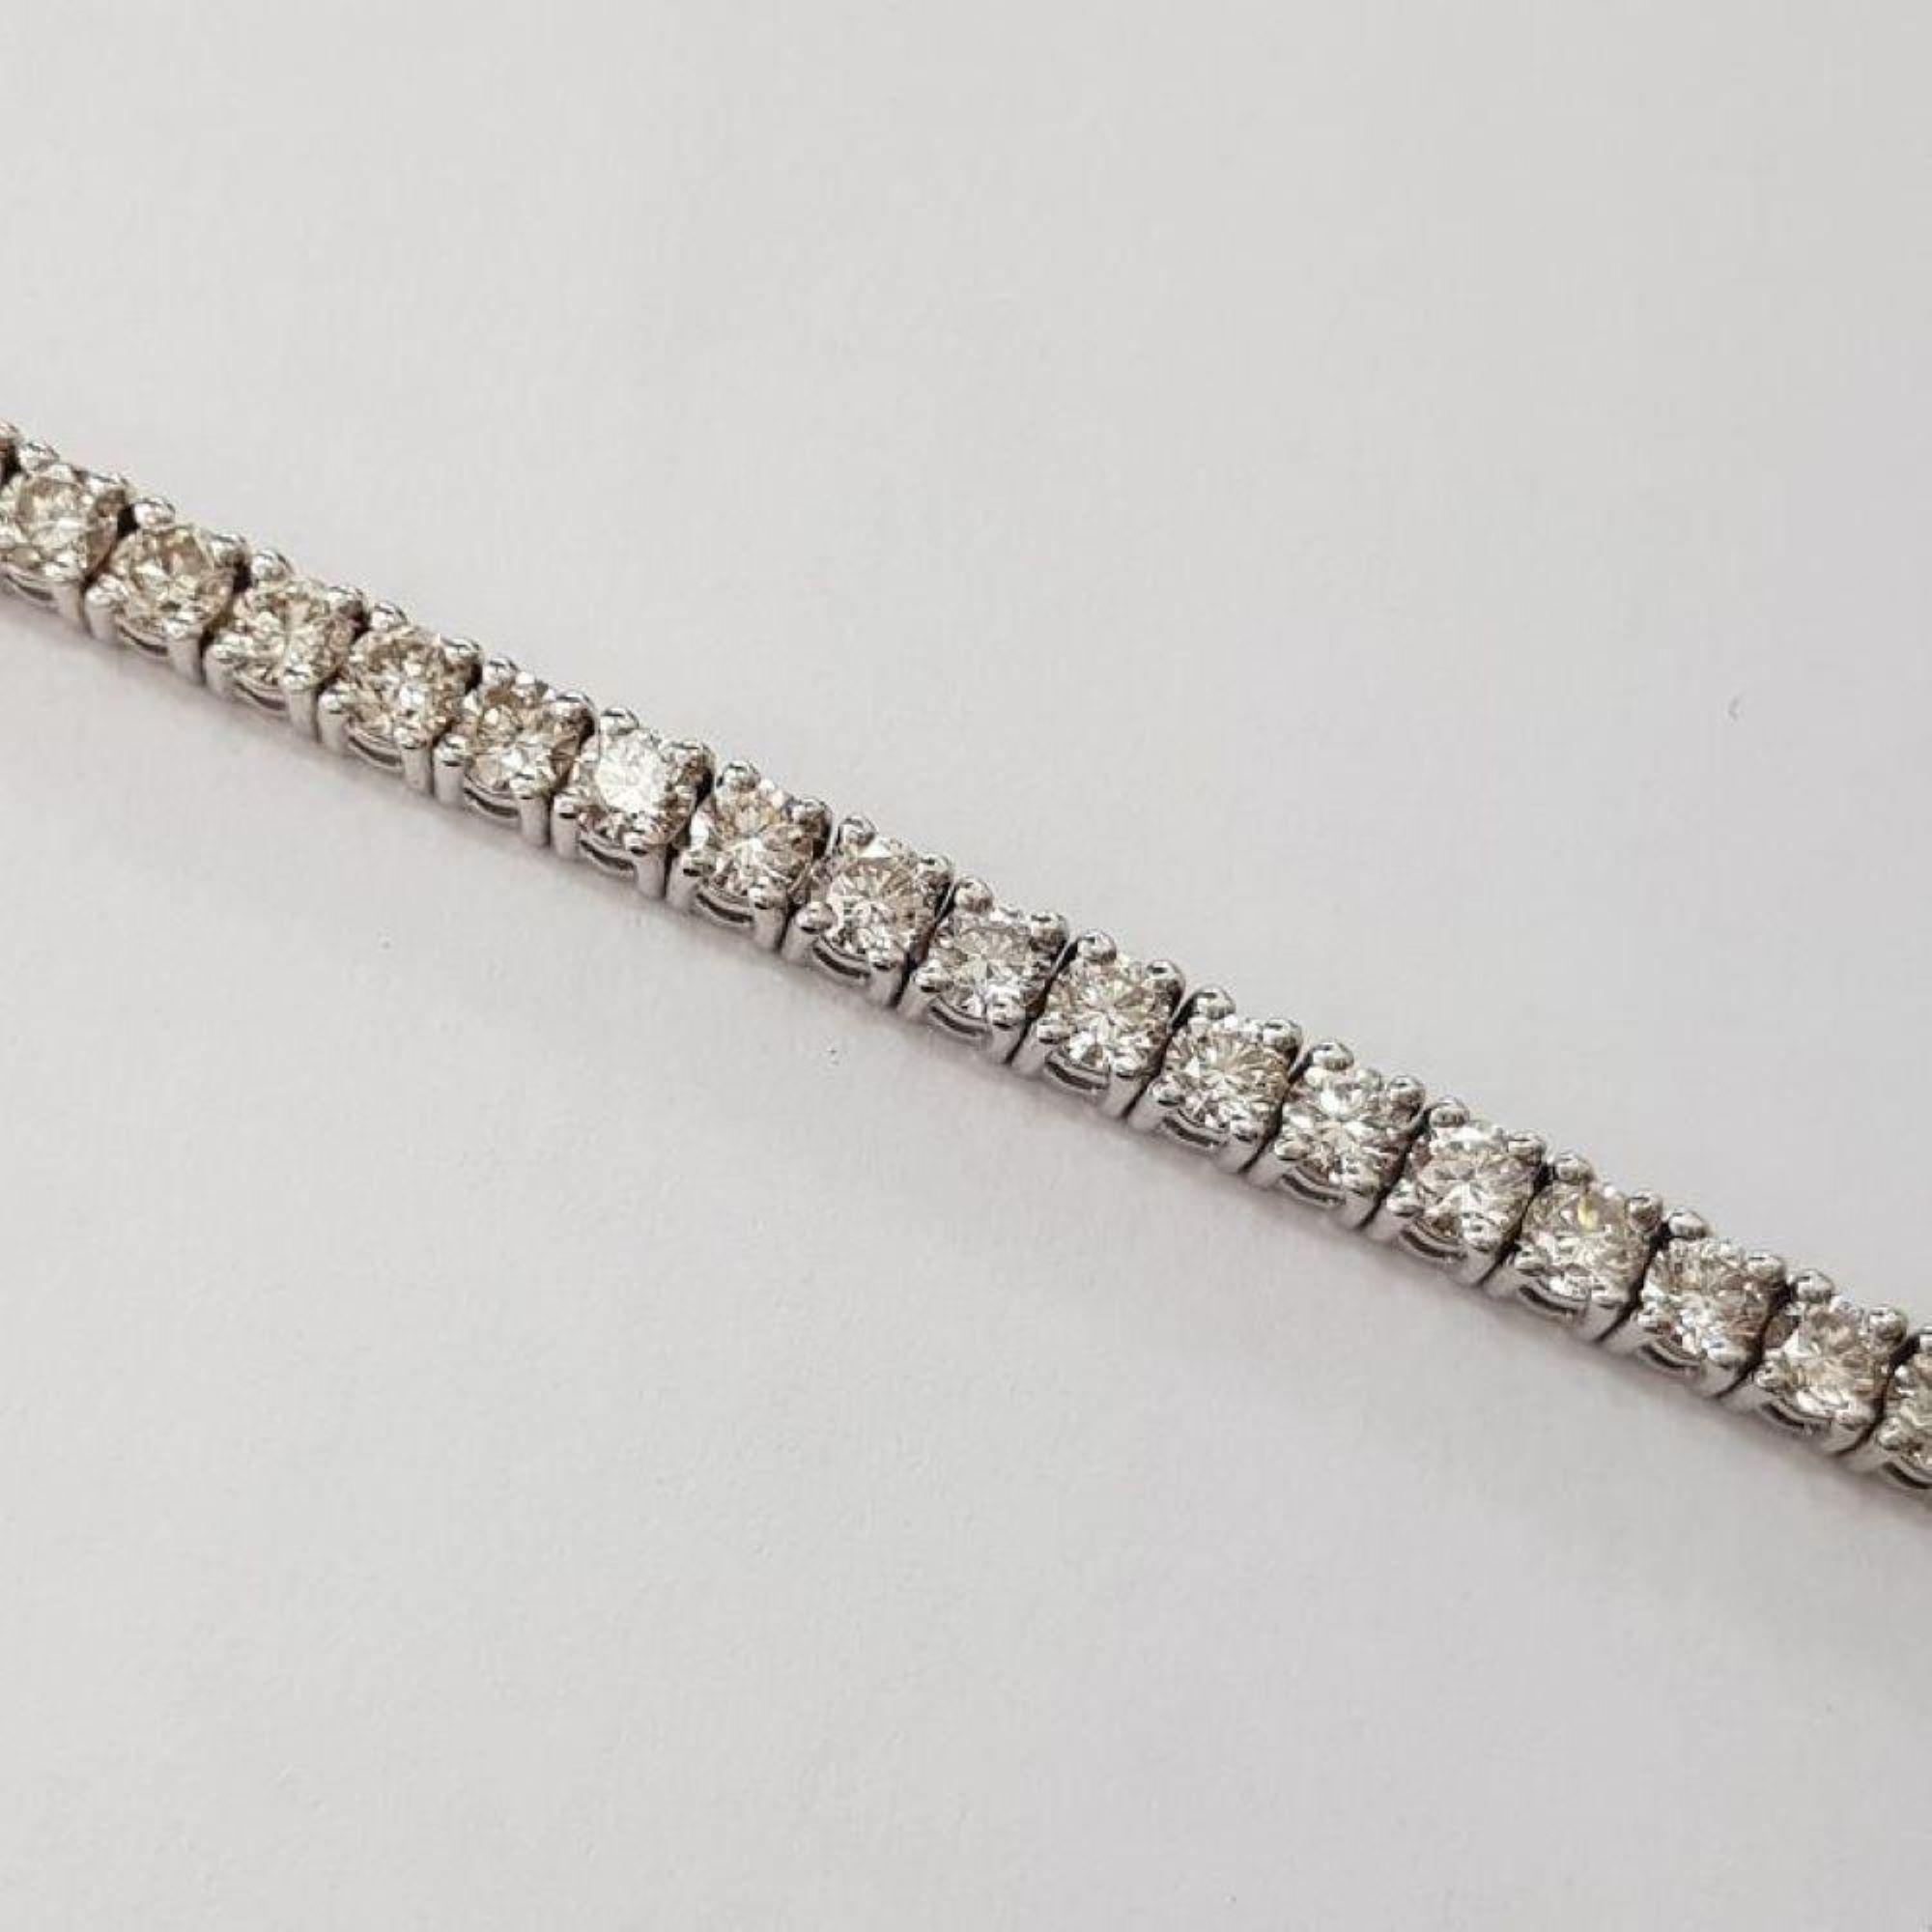 14 kt. White gold - Bracelet Diamond-1.68CTW - Image 3 of 4